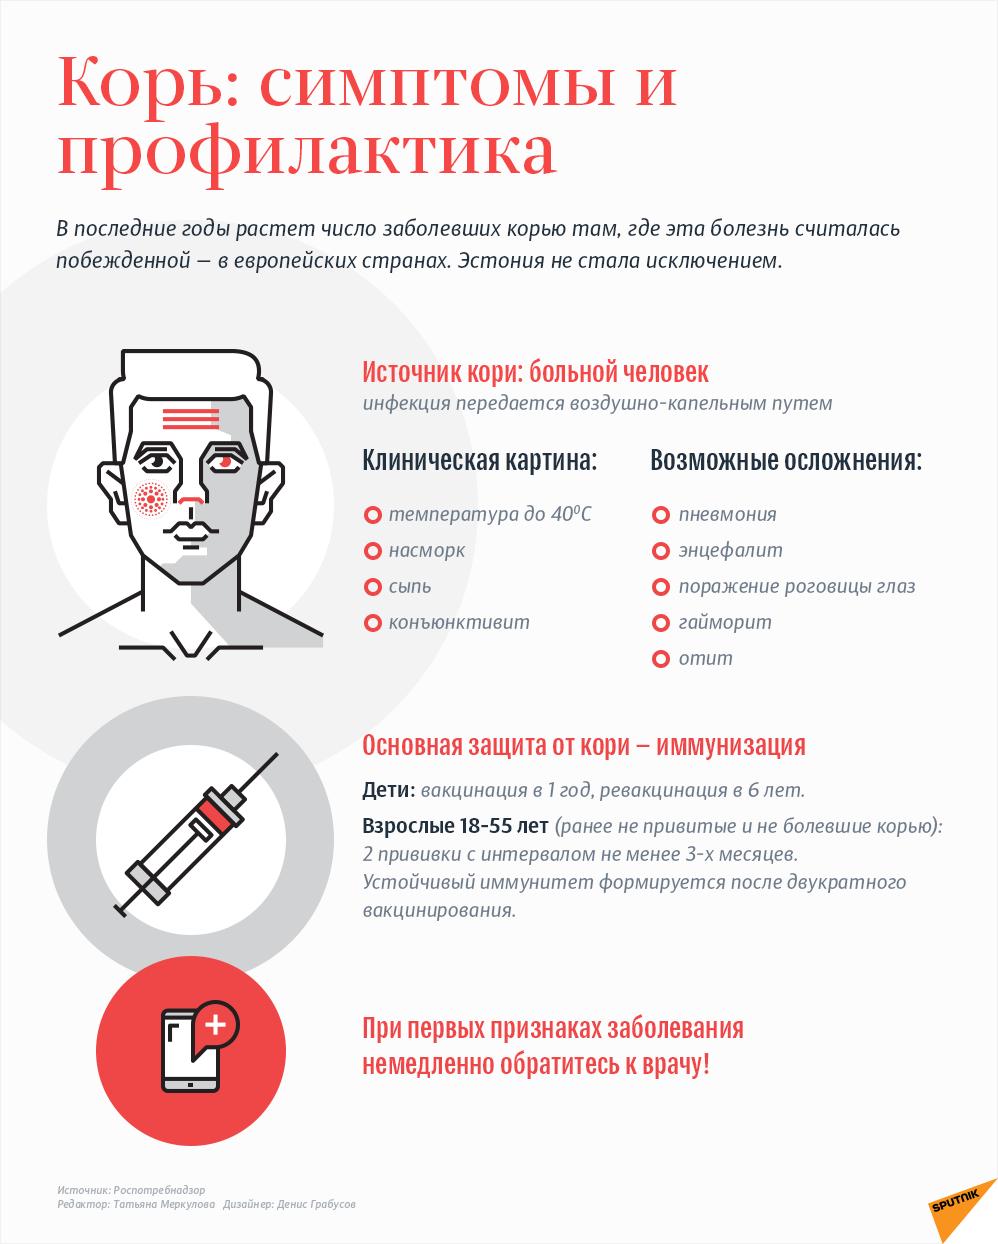 Корь: симптомы и профилактика - Sputnik Латвия